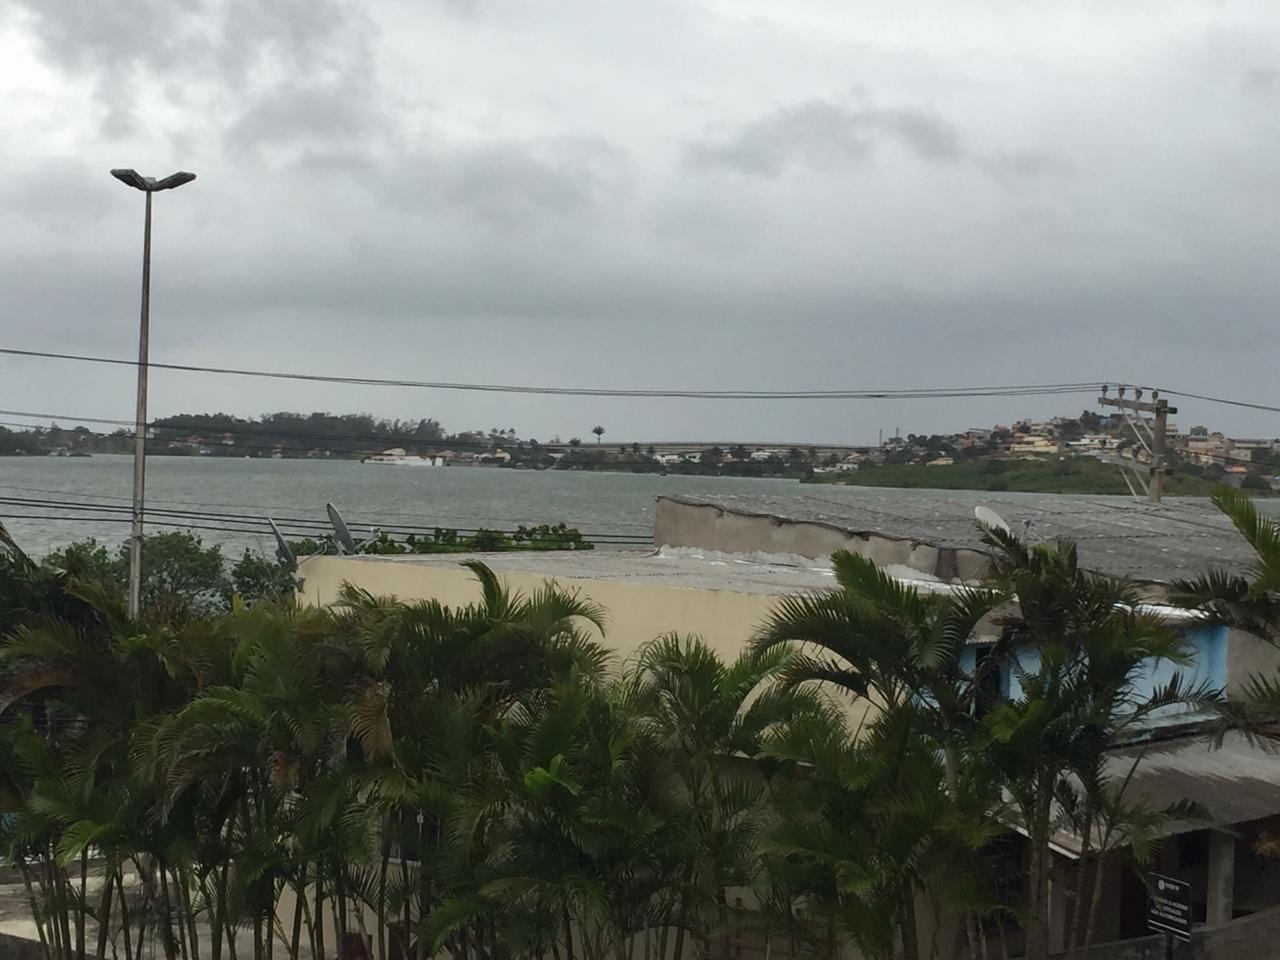 Marinha emite alerta de ventos fortes e ressaca para cidades da Região dos Lagos do Rio - Notícias - Plantão Diário